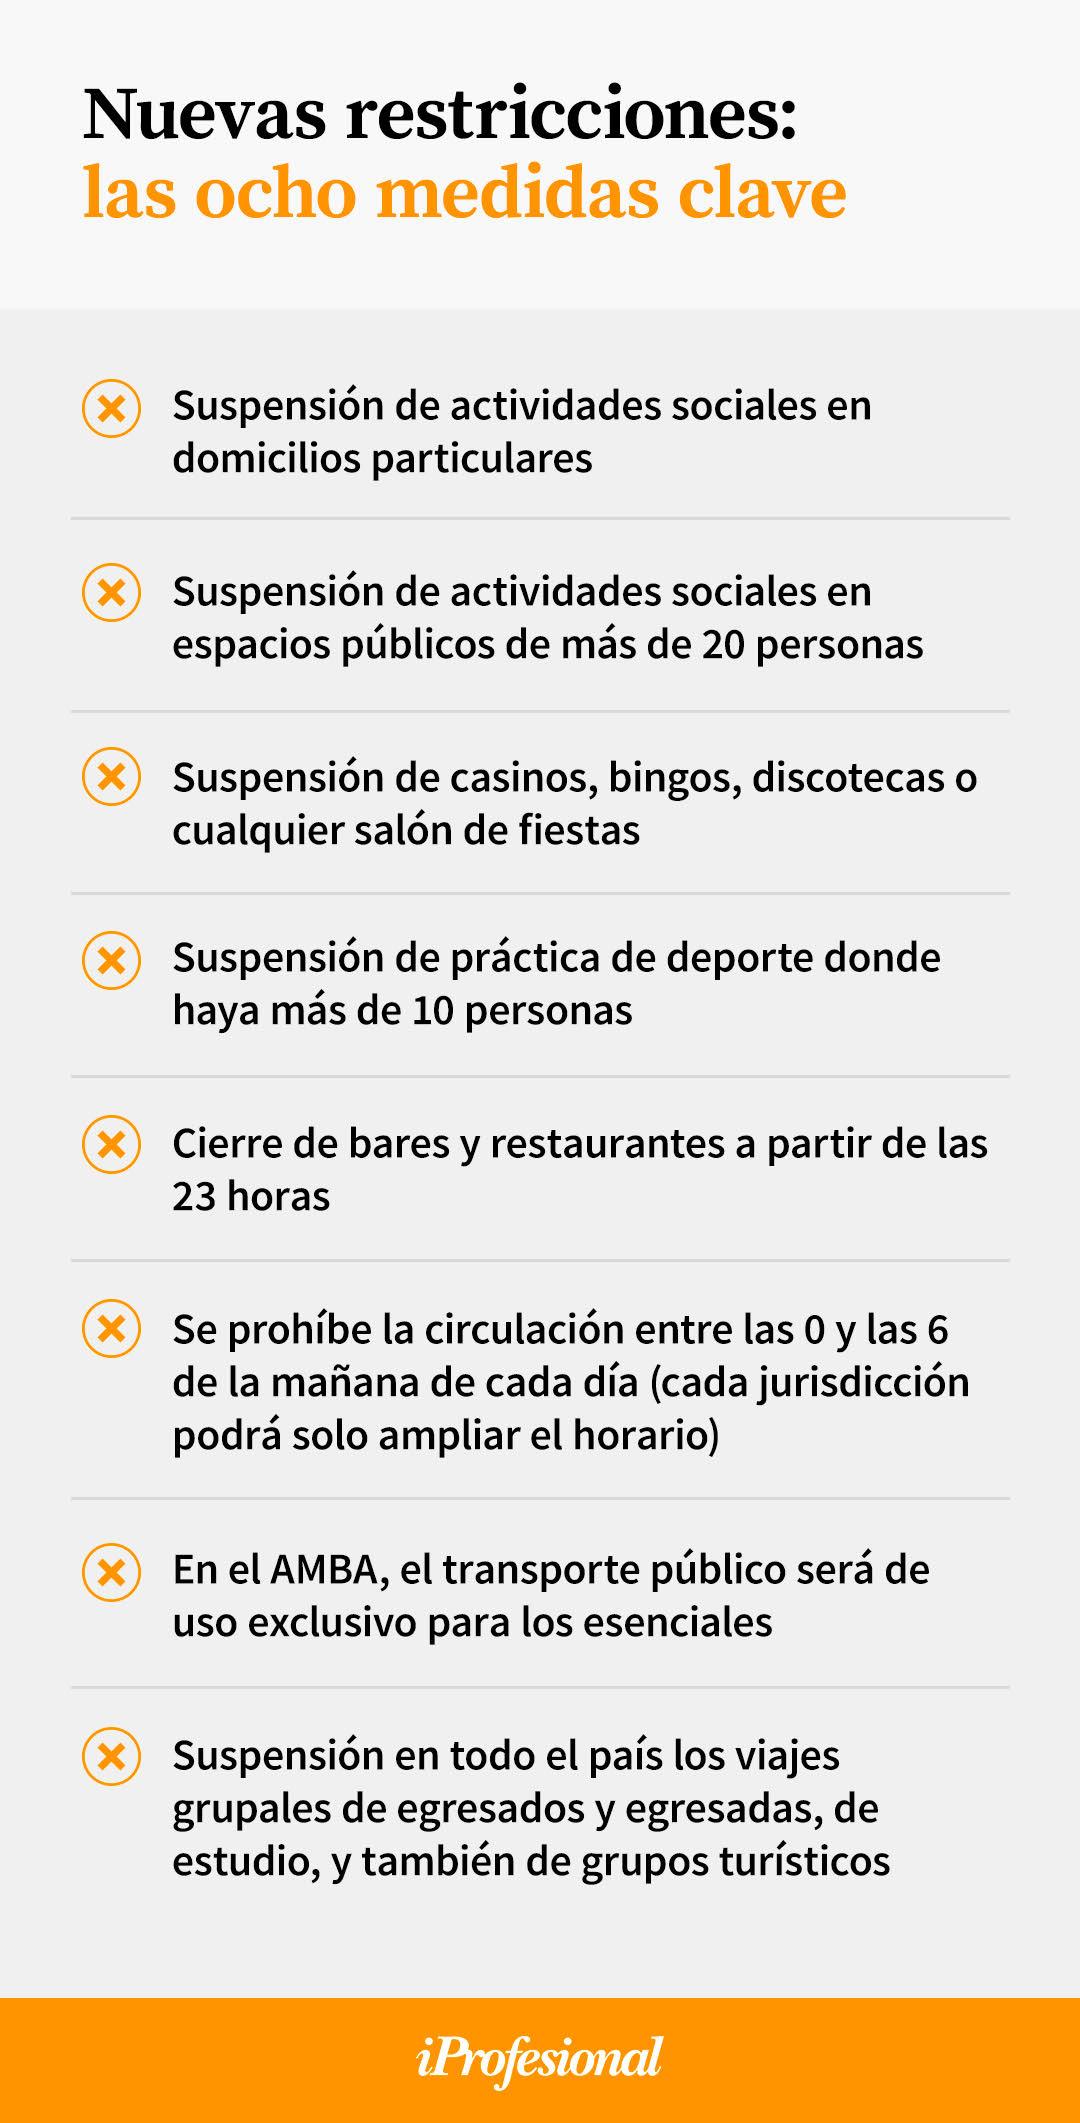 Segunda ola: las nuevas restricciones que anunció el Gobierno nacional.